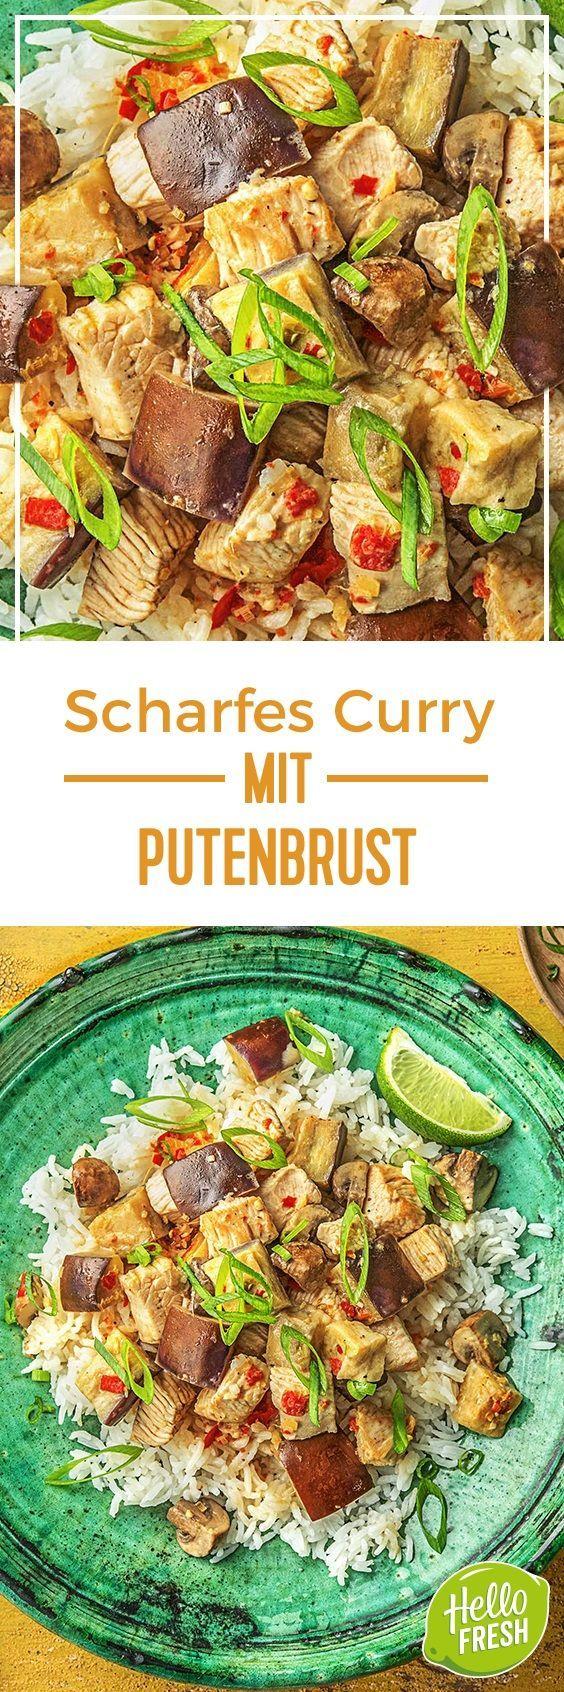 Scharfes Curry mit Putenbrust selbst gemachter Currypaste und Jasminreis